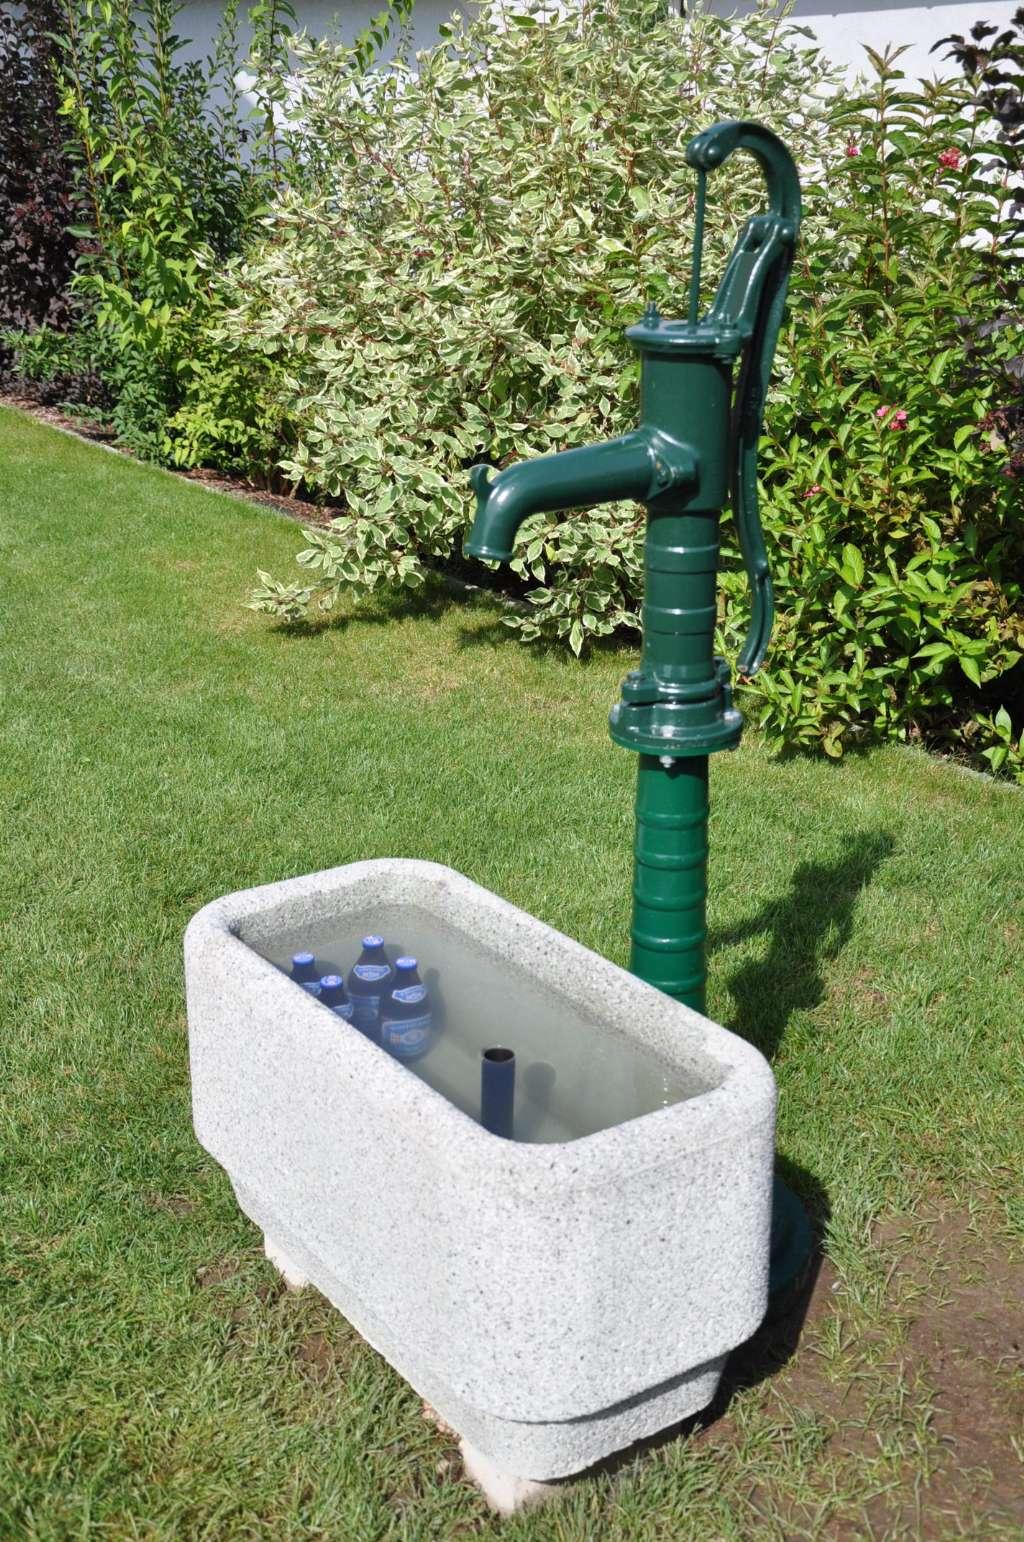 schlagbrunnen erfahrungsaustausch | forum auf energiesparhaus.at, Hause und Garten